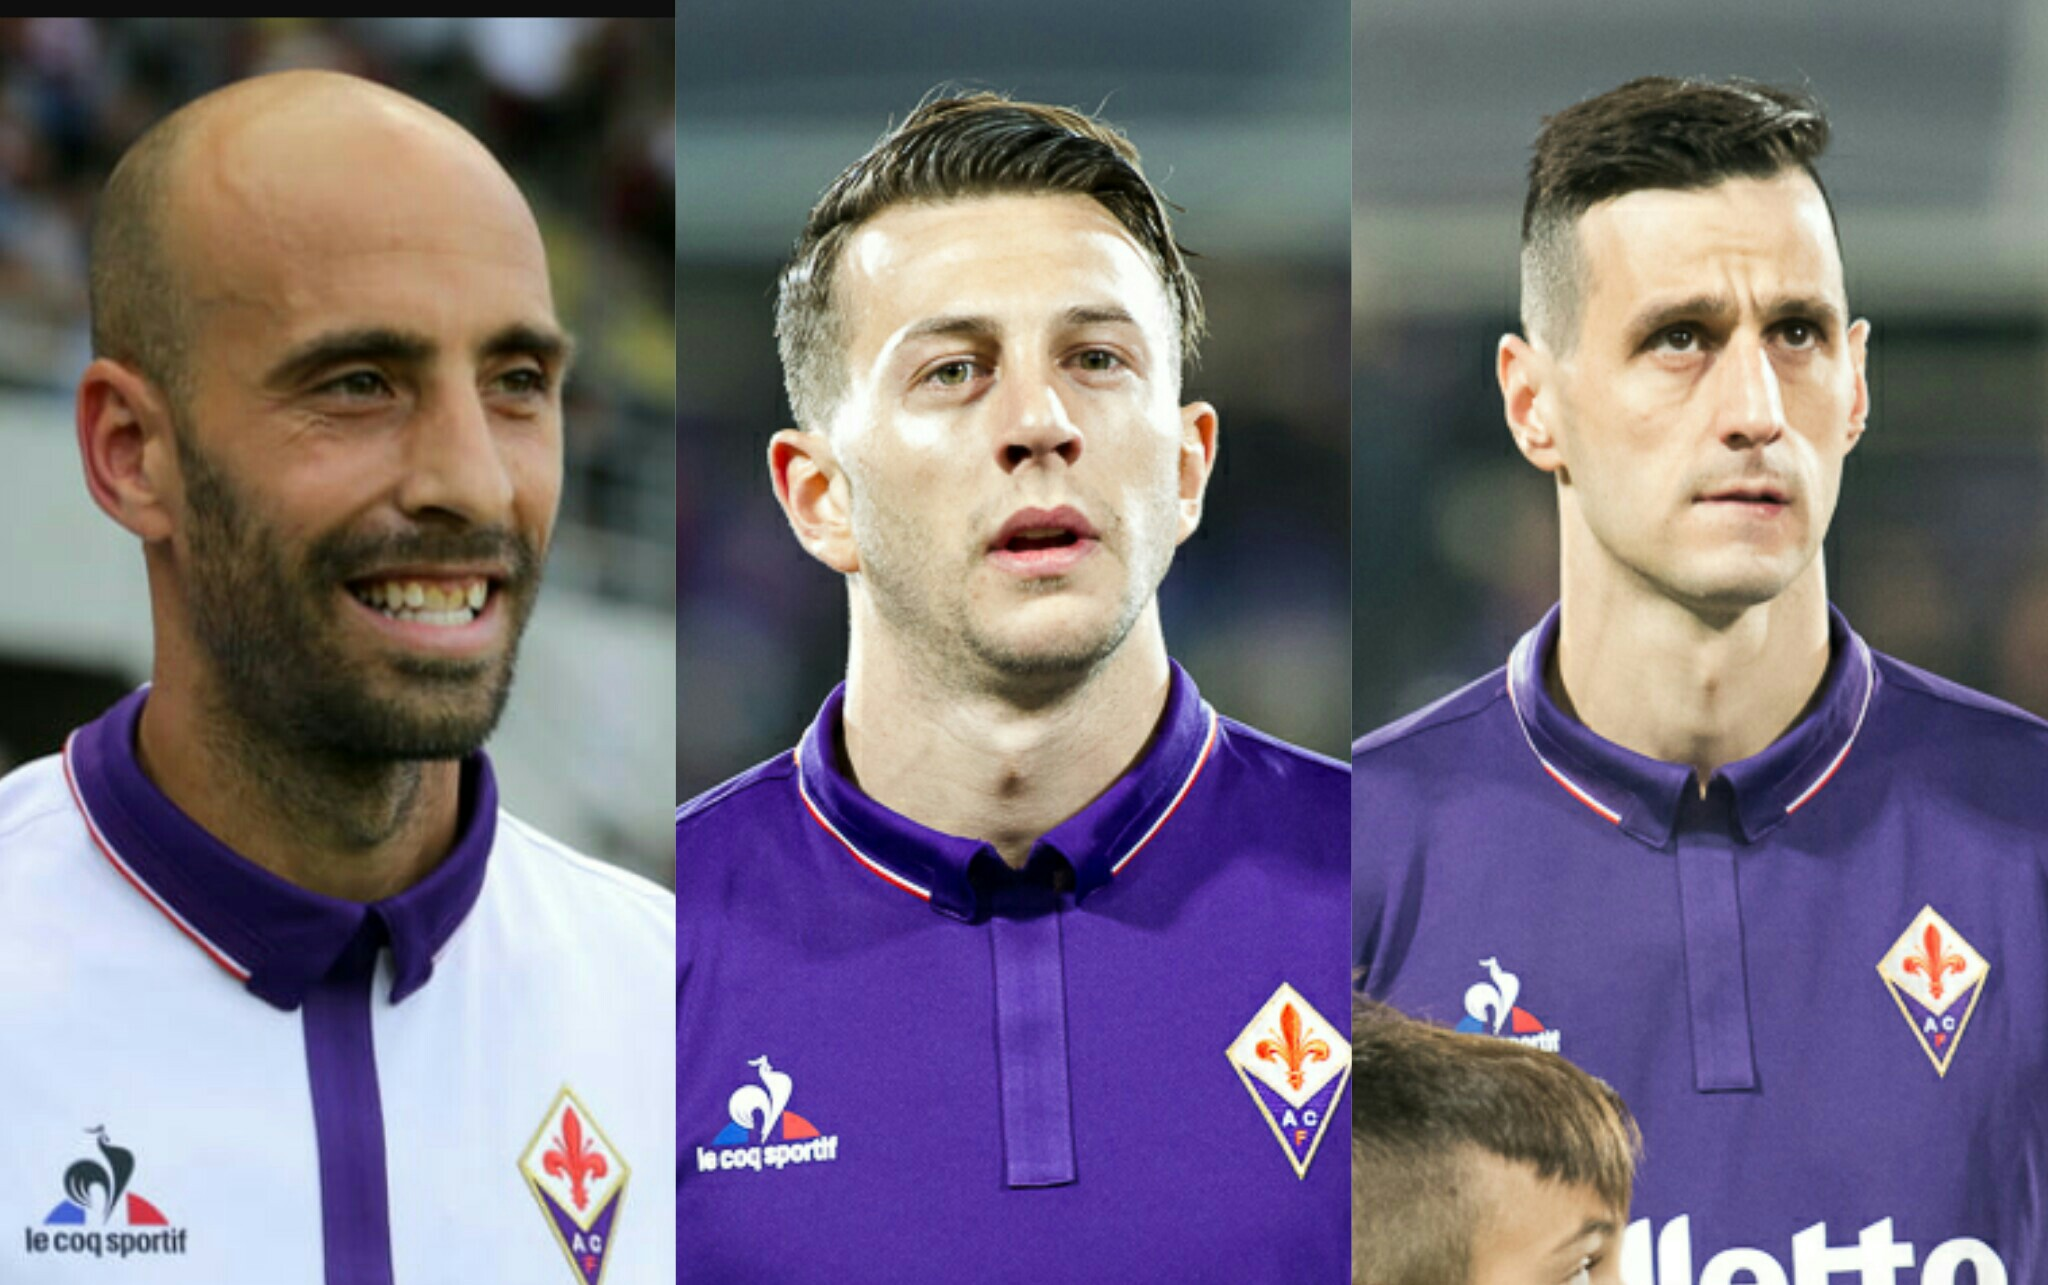 Dalle cessioni la Fiorentina incasserà in totale 111 milioni di euro. Corvino può fare un grandissimo mercato in entrata